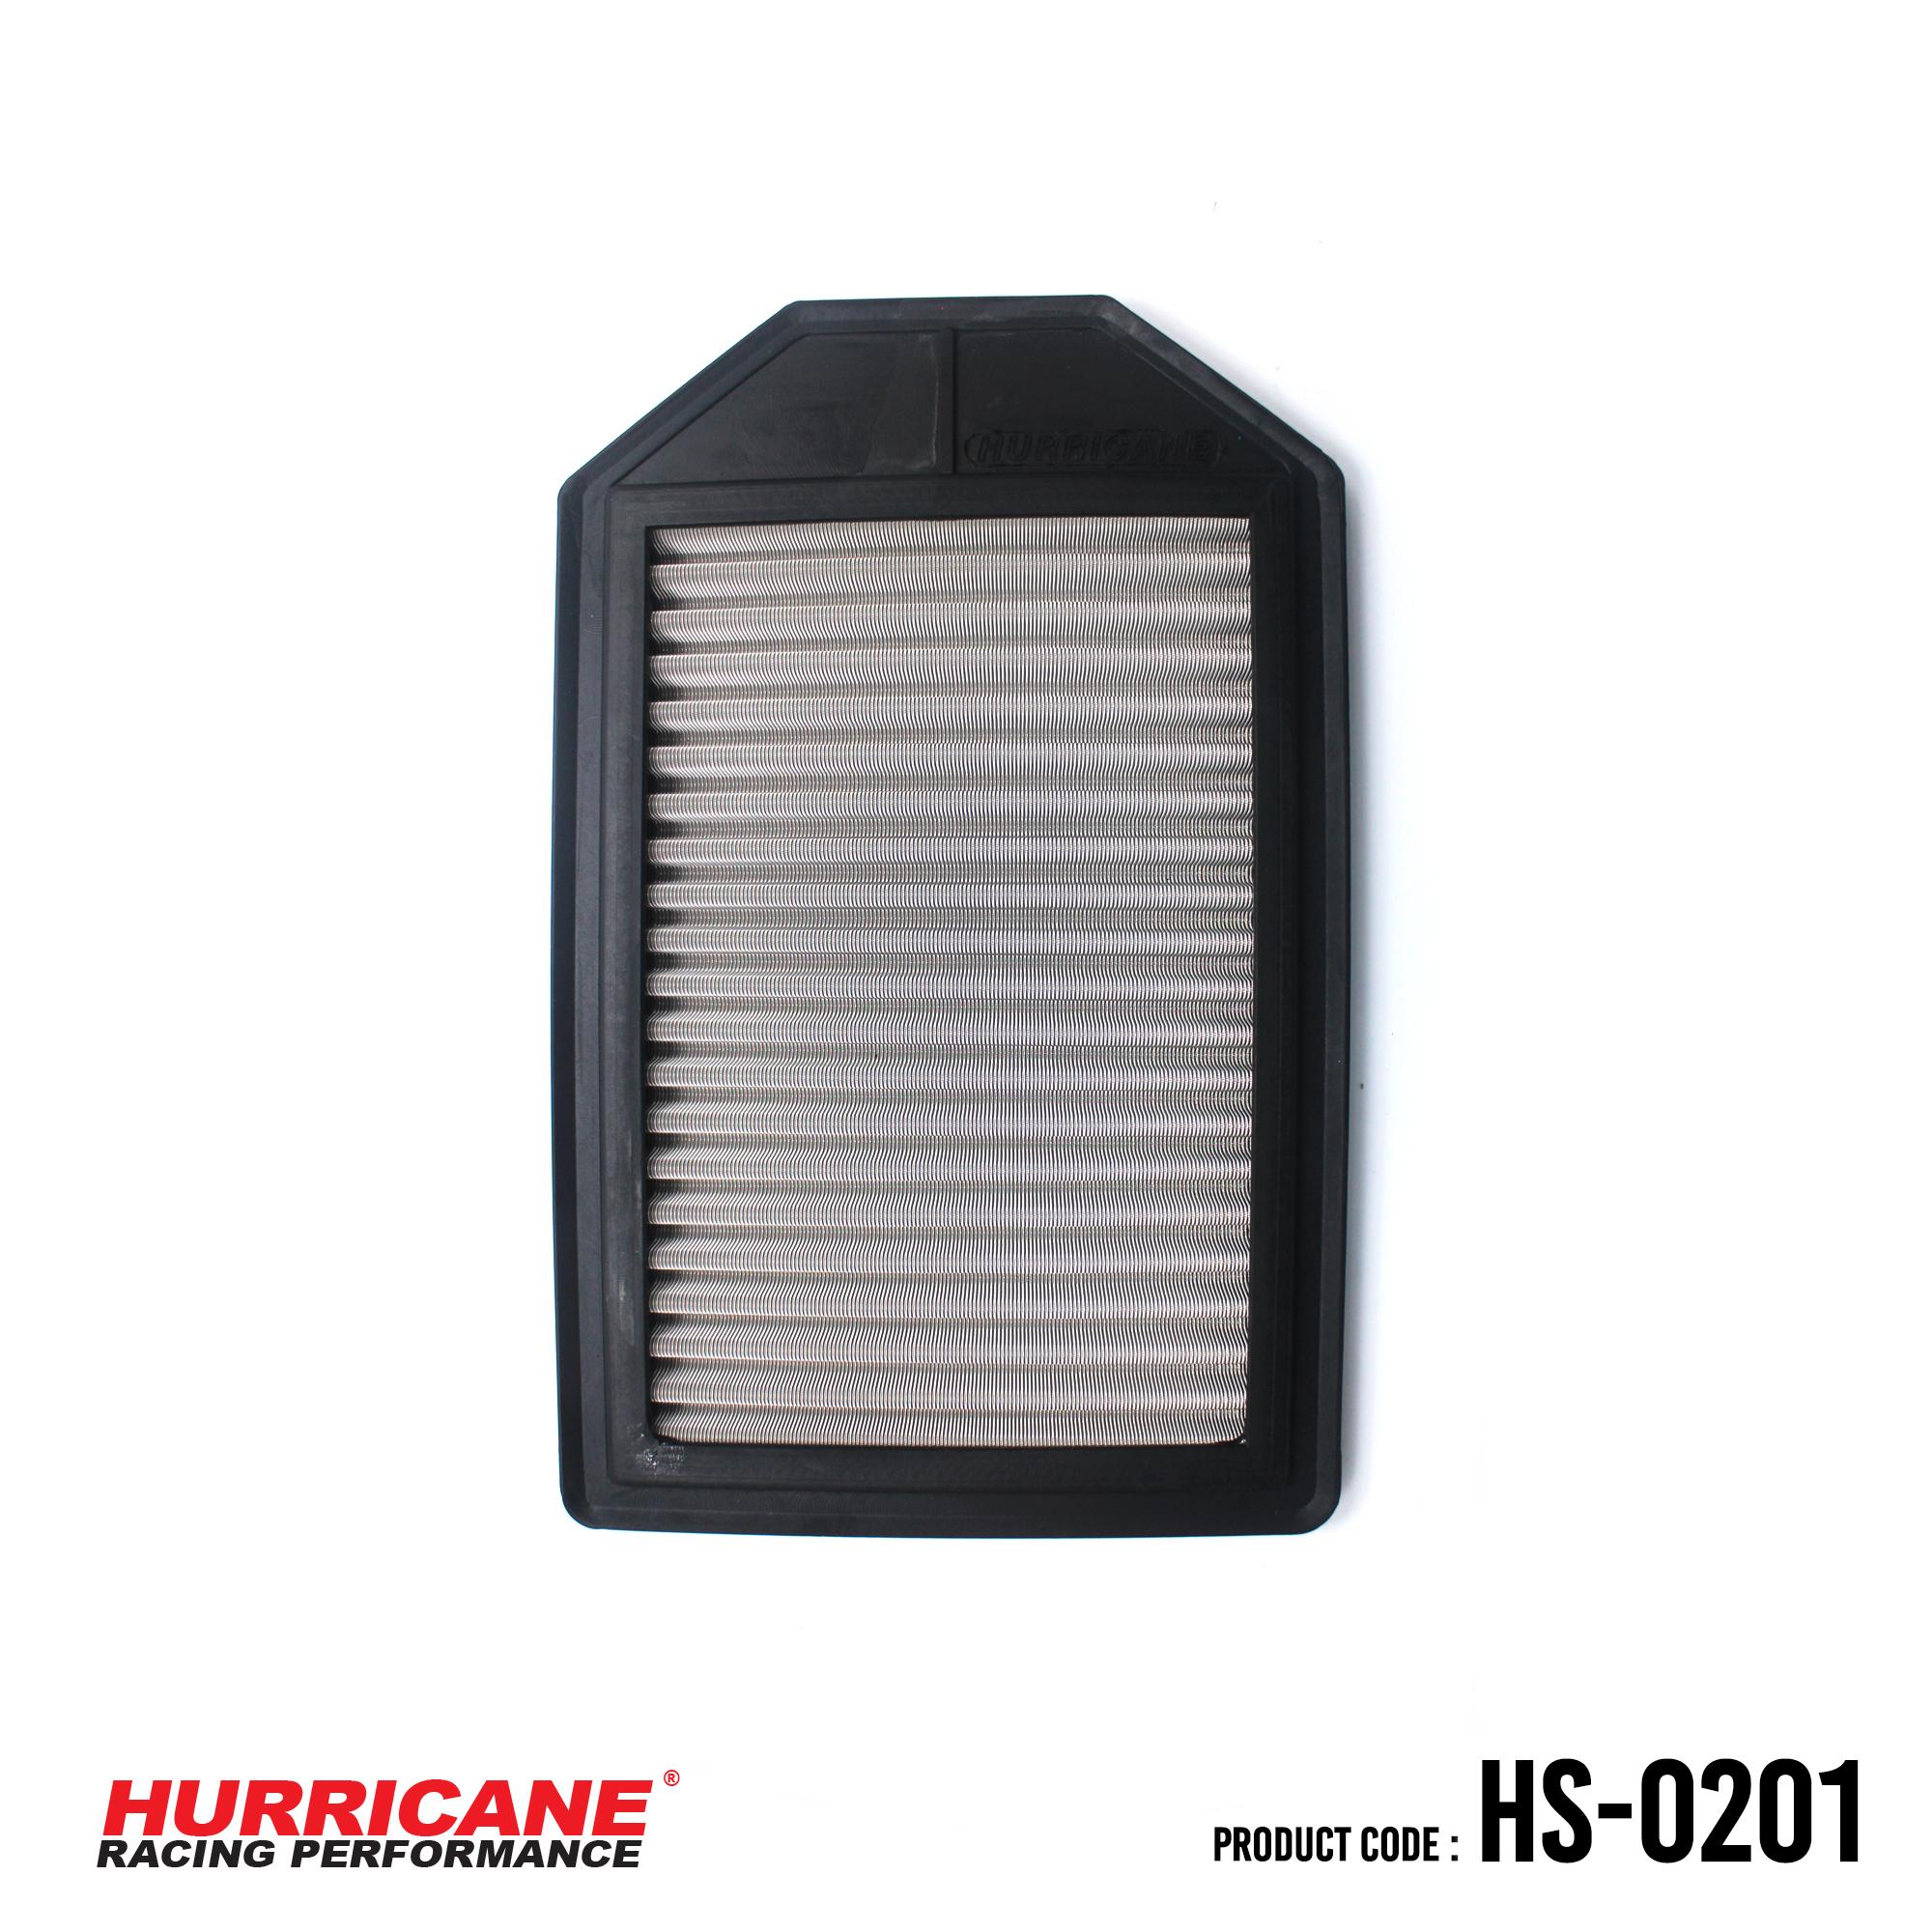 HURRICANE STAINLESS STEEL AIR FILTER FOR HS-0201 Honda